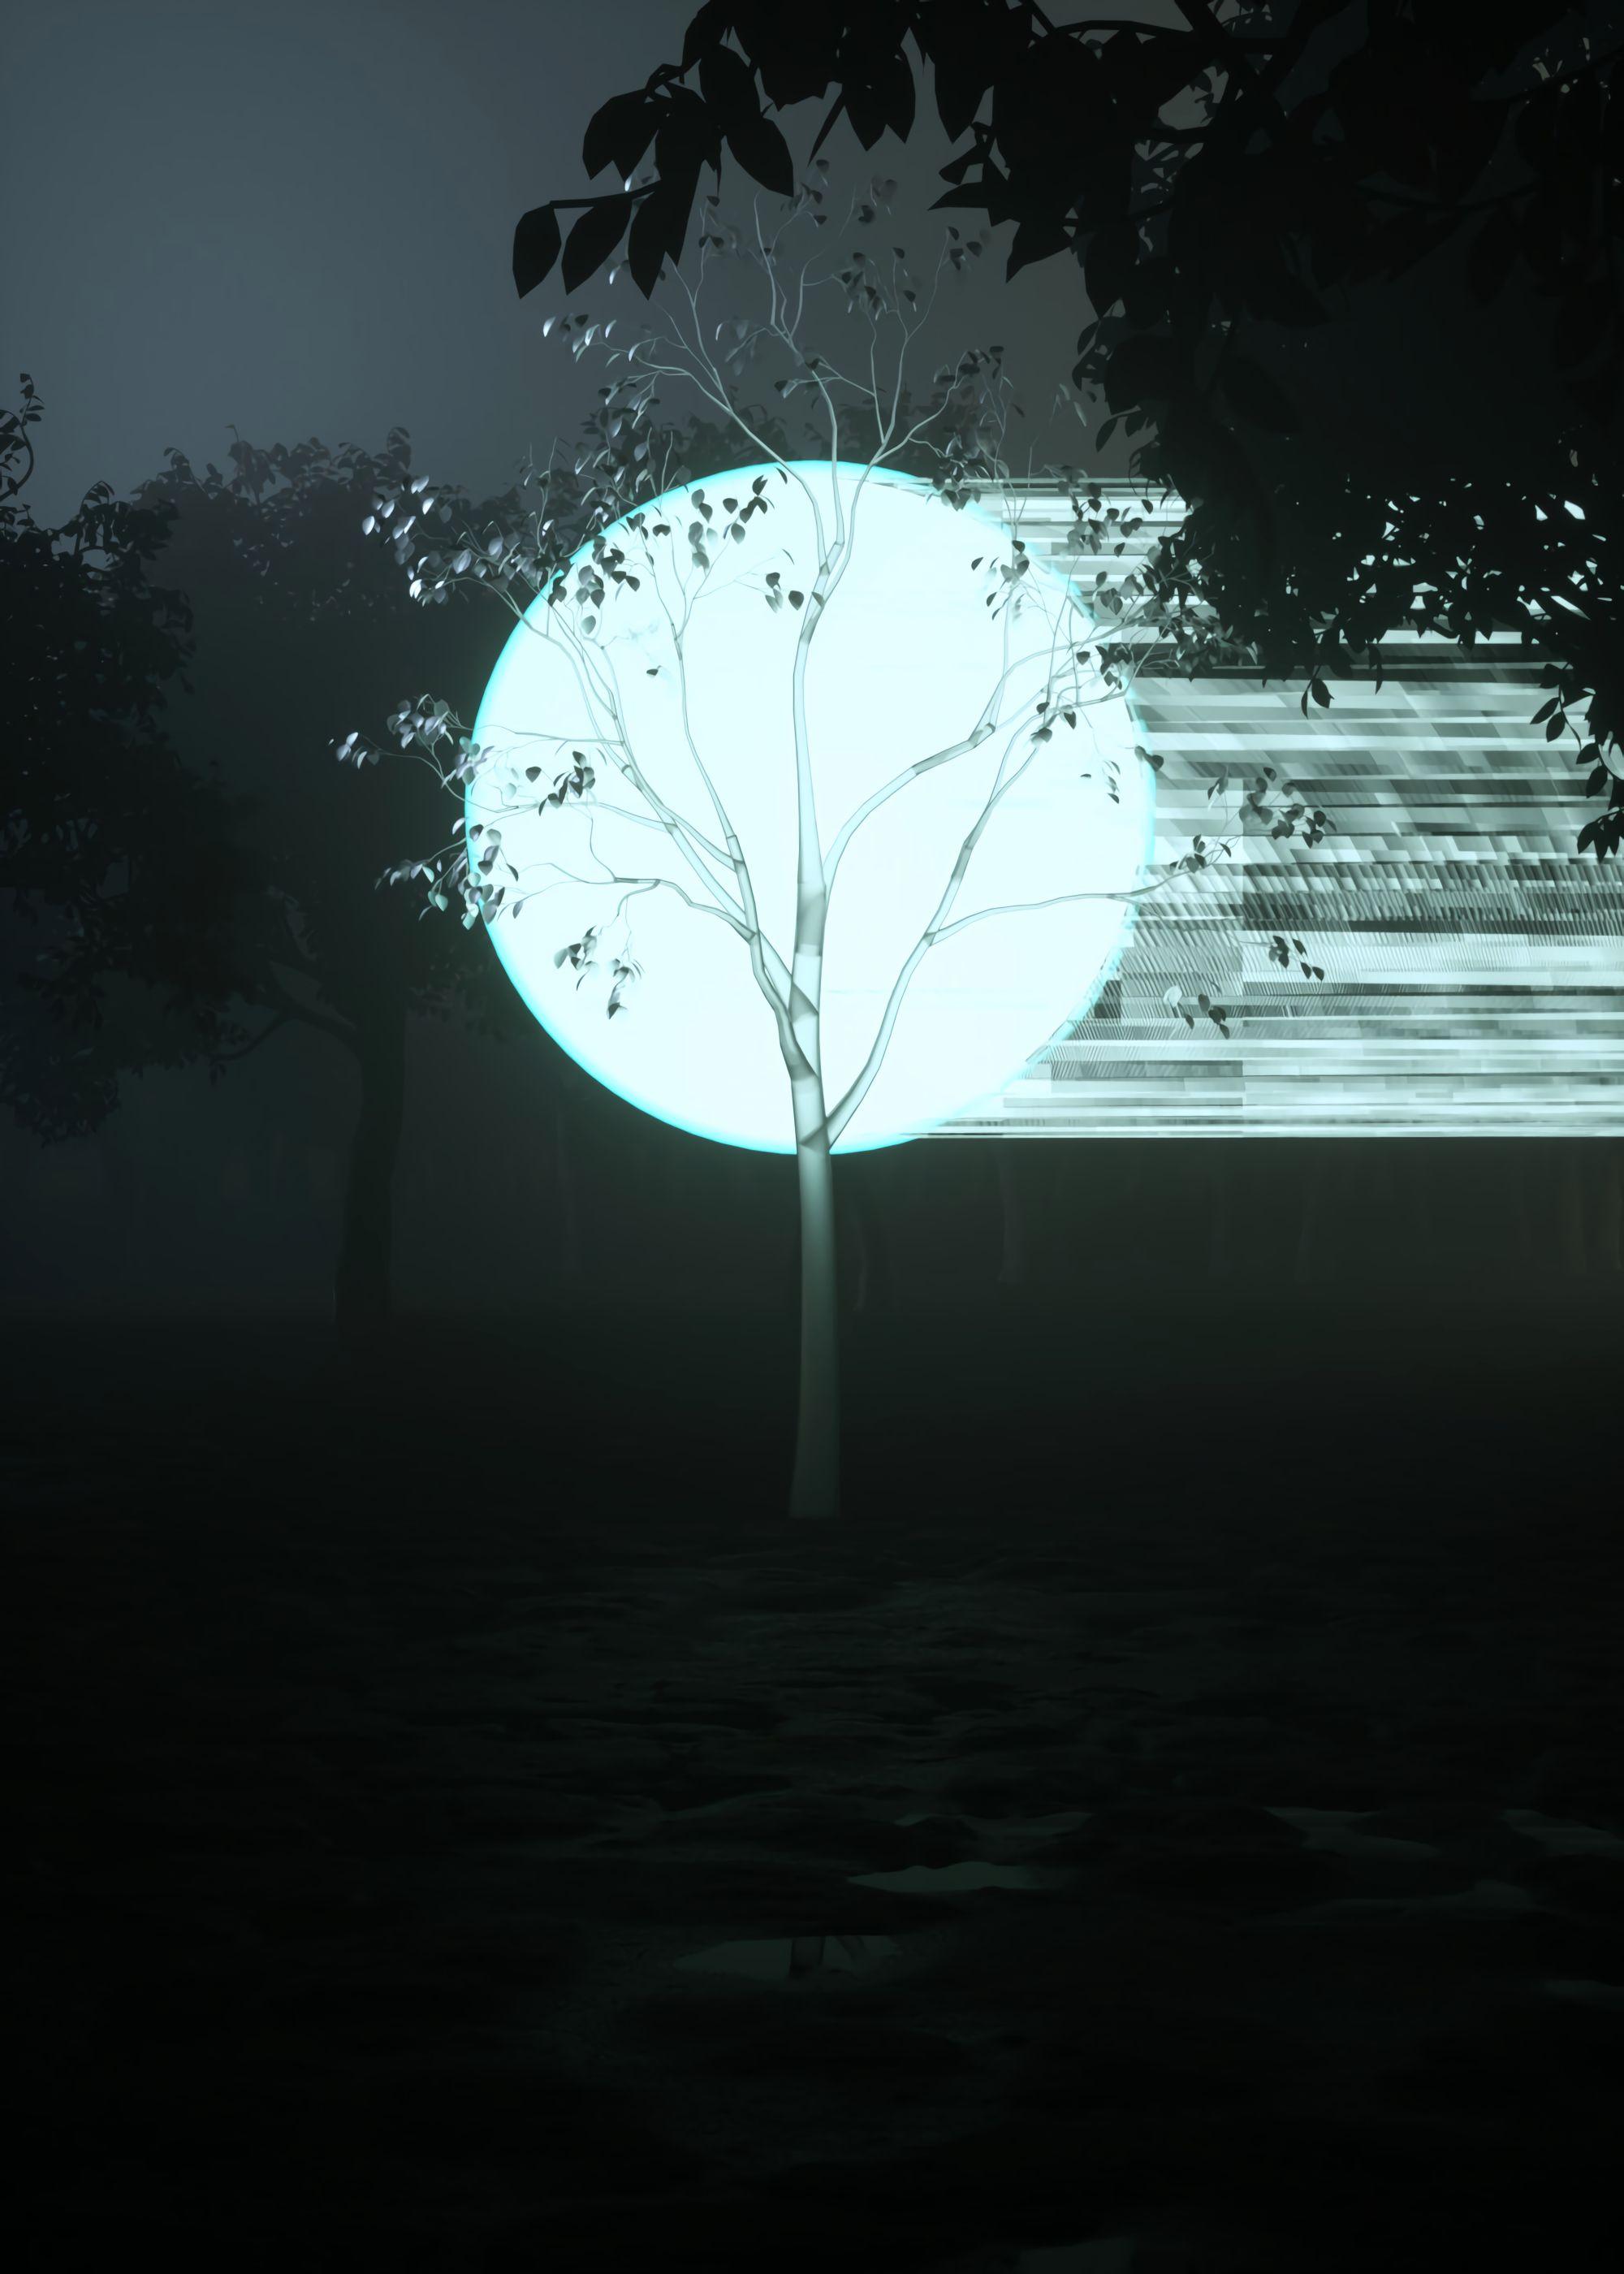 免費下載 64621: 艺术, 黑暗, 木头, 球, 辉光, 发光 桌面壁紙